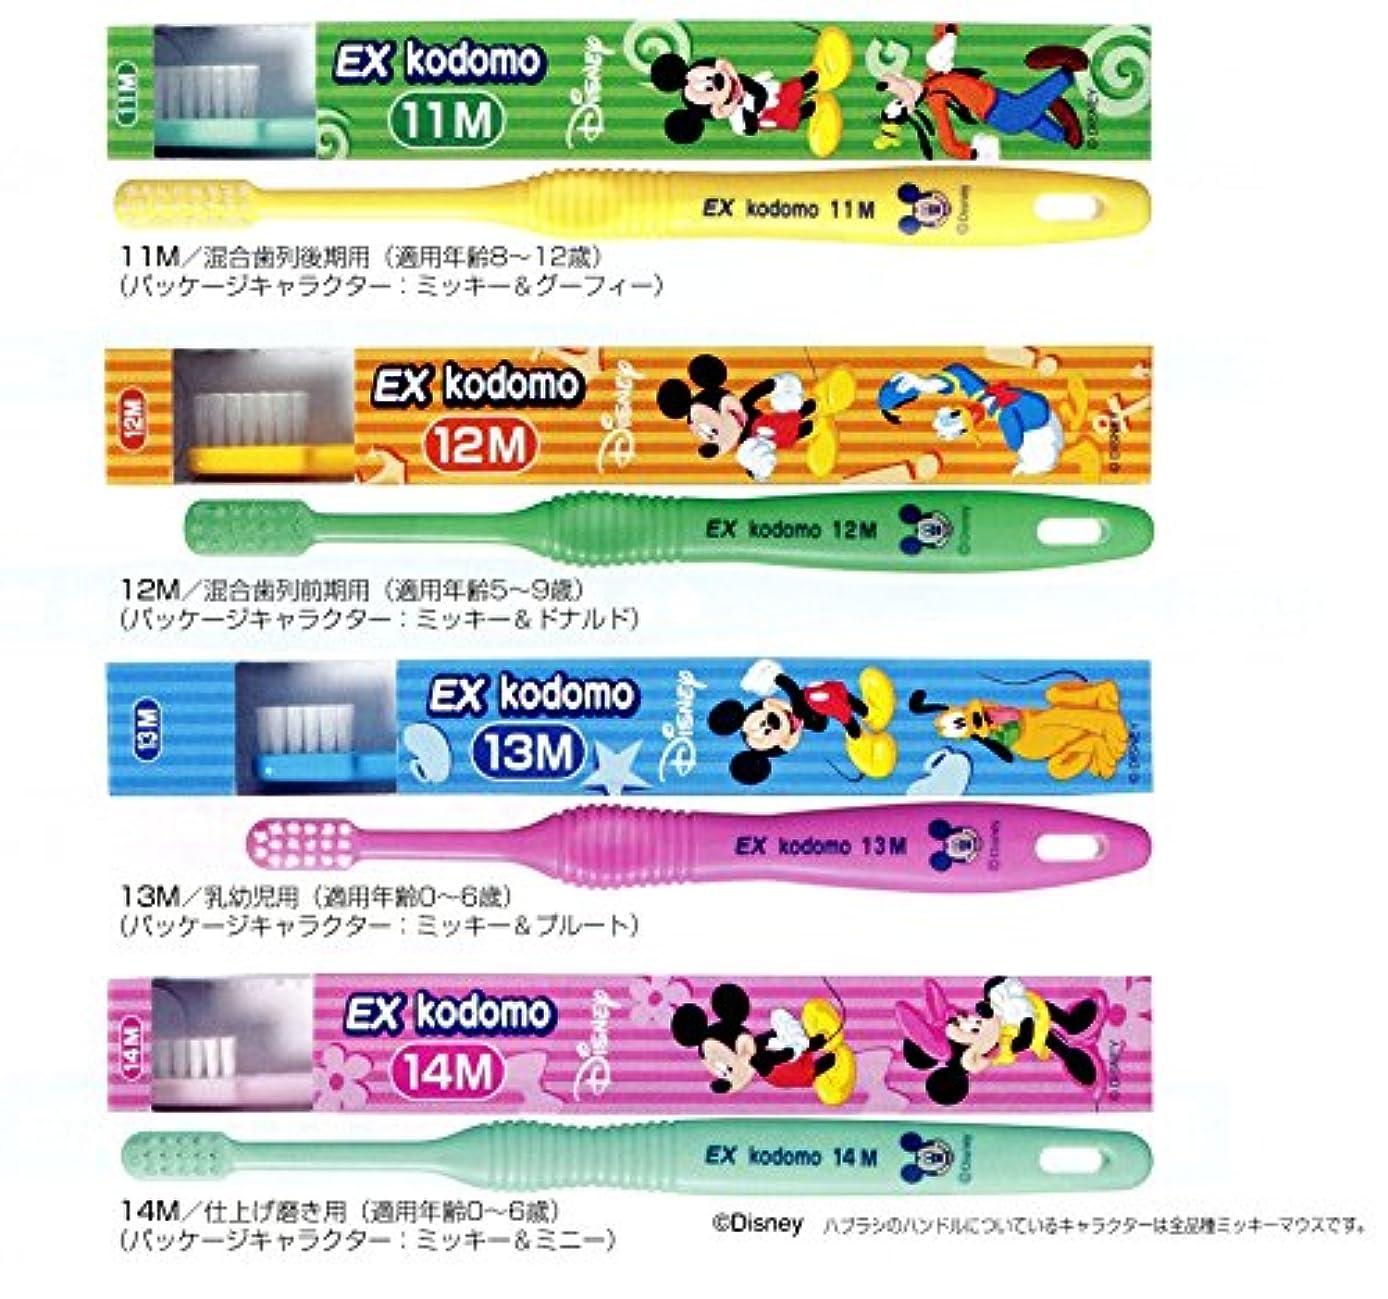 悪行アセ周囲ライオン コドモ ディズニー DENT.EX kodomo Disney 1本 11M ピンク (8?12歳)